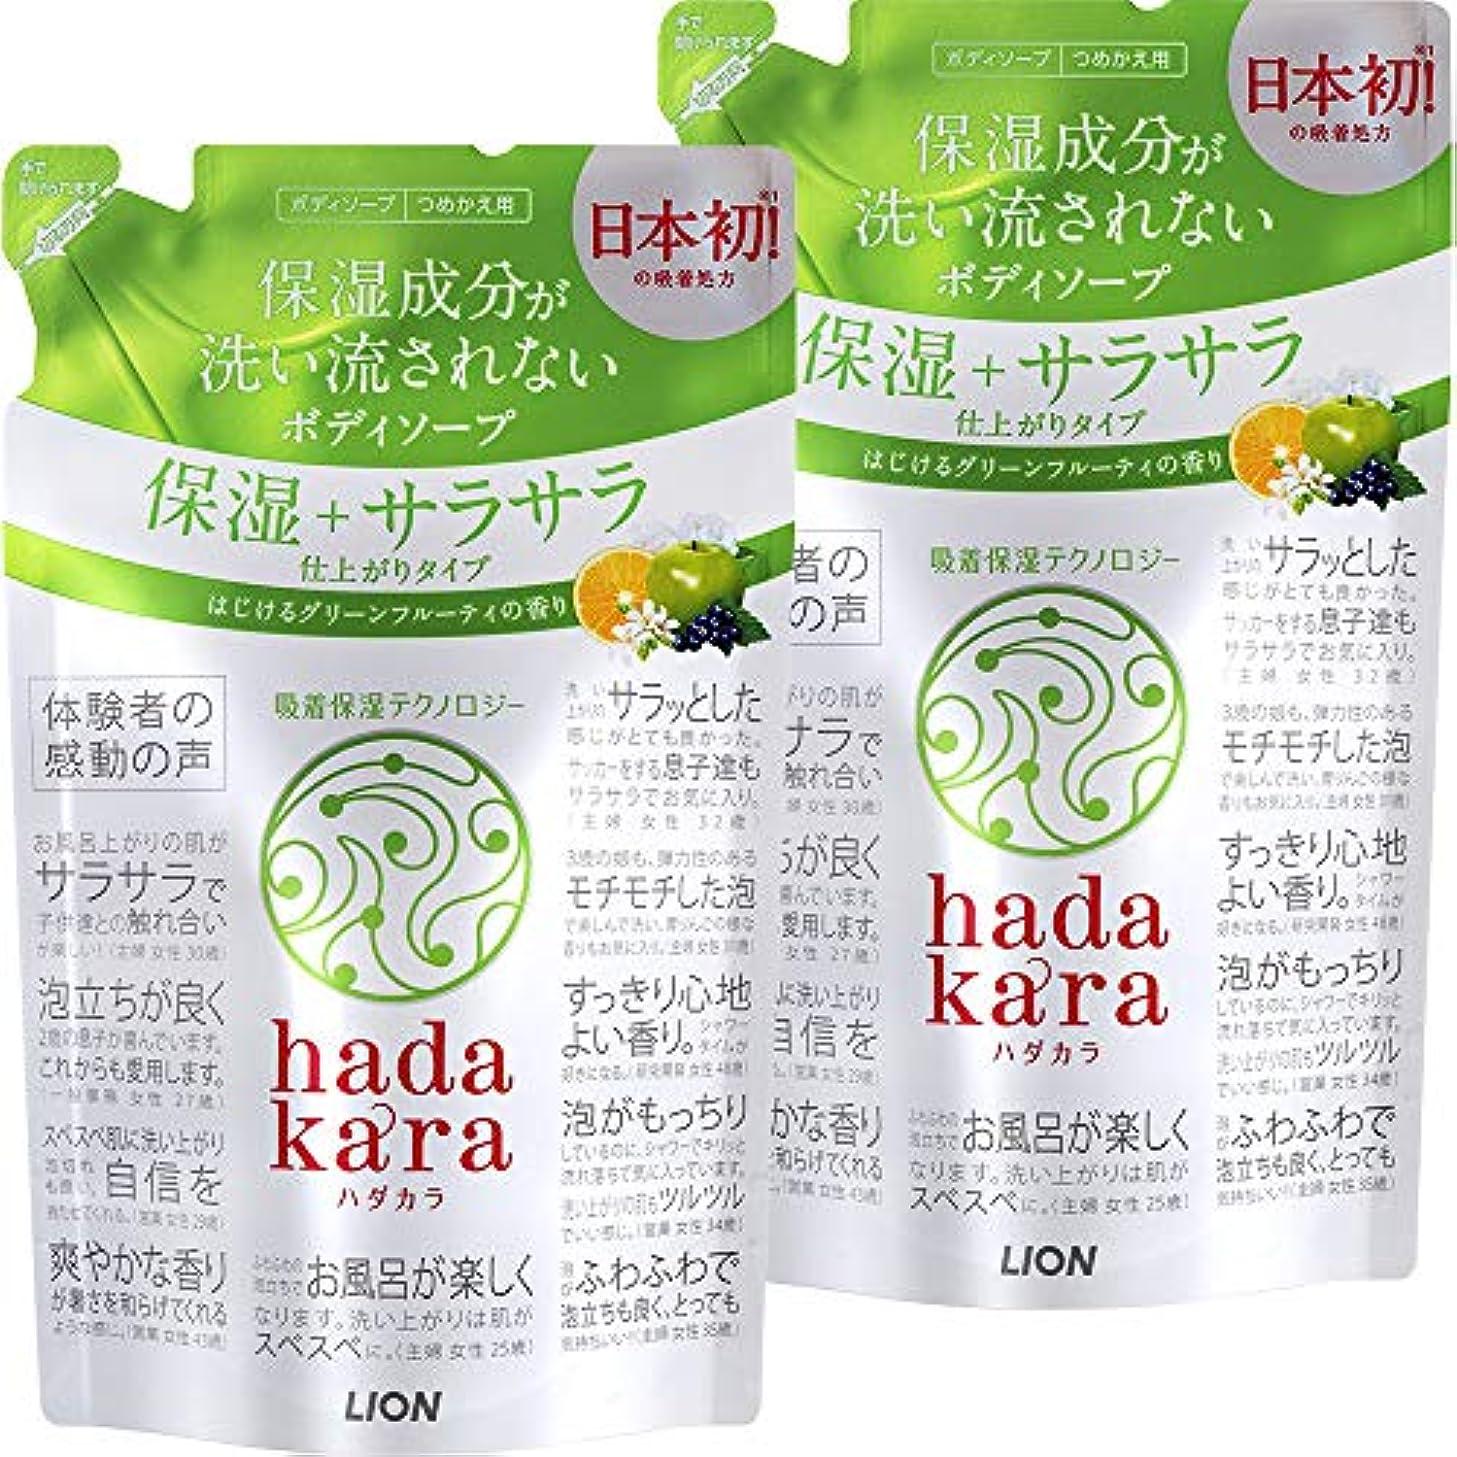 葉っぱ浪費寄り添う【まとめ買い】hadakara(ハダカラ) ボディソープ 保湿+サラサラ仕上がりタイプ グリーンフルーティの香り 詰め替え 340ml×2個パック